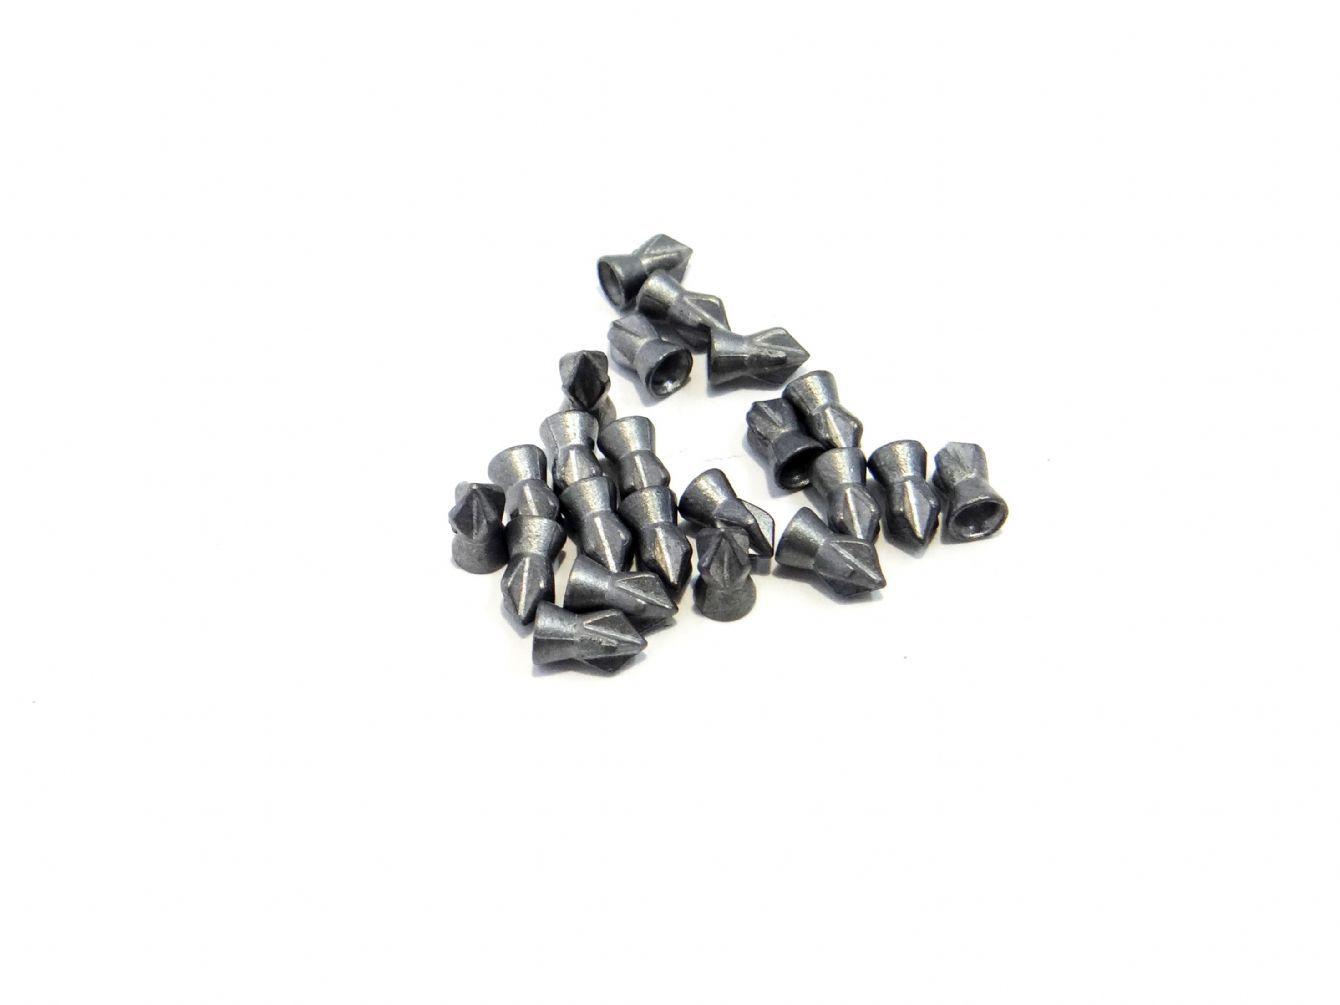 Chumbinho para carabina de pressão Technogun Destruição Bolt 4,5mm